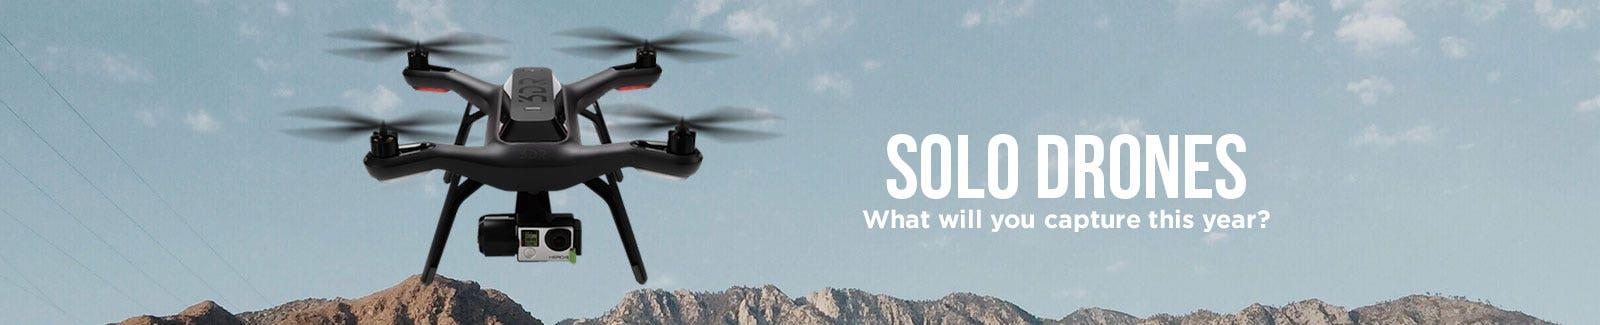 Solo Drones